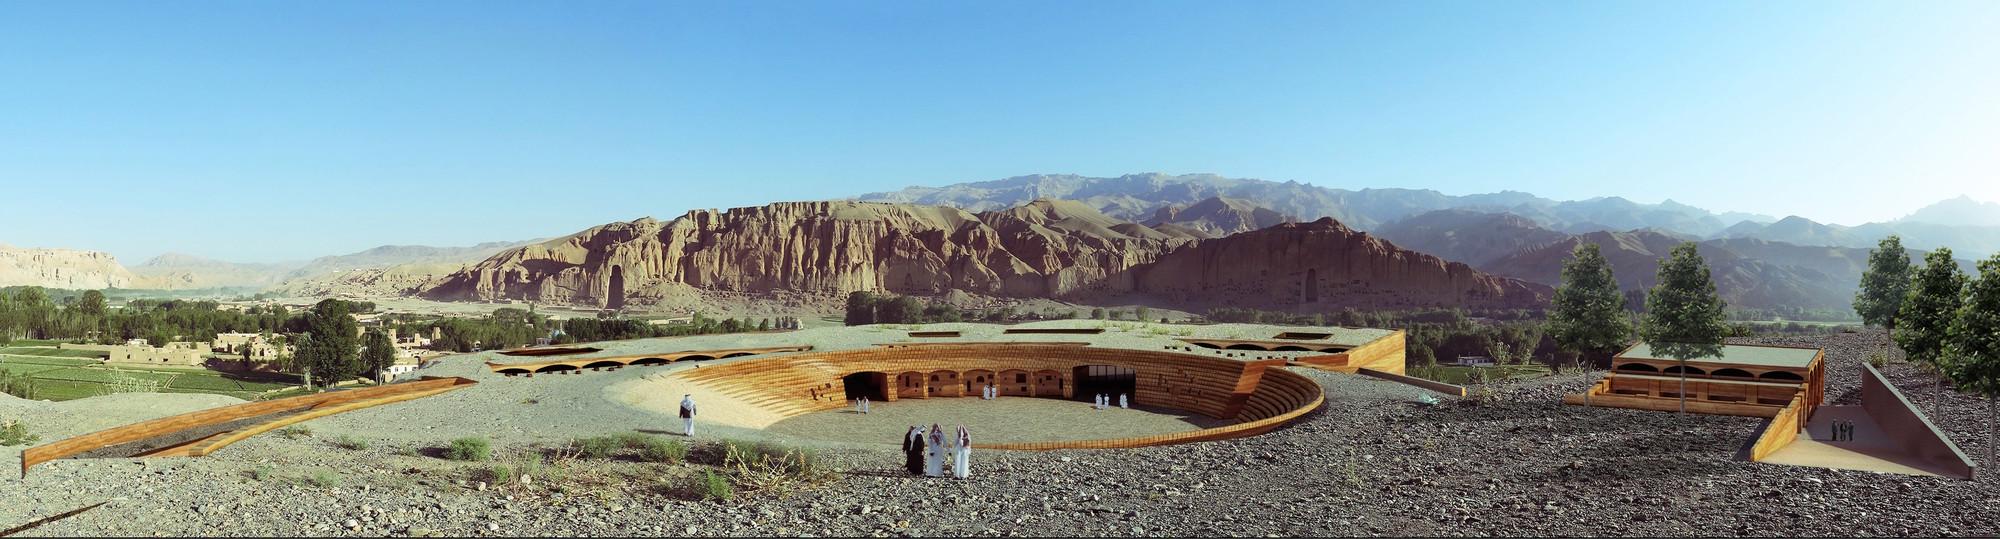 BCC2169: Jorge Valcarcel Cavalle, Lihao; China y Reino Unido. Imagen cortesía de UNESCO